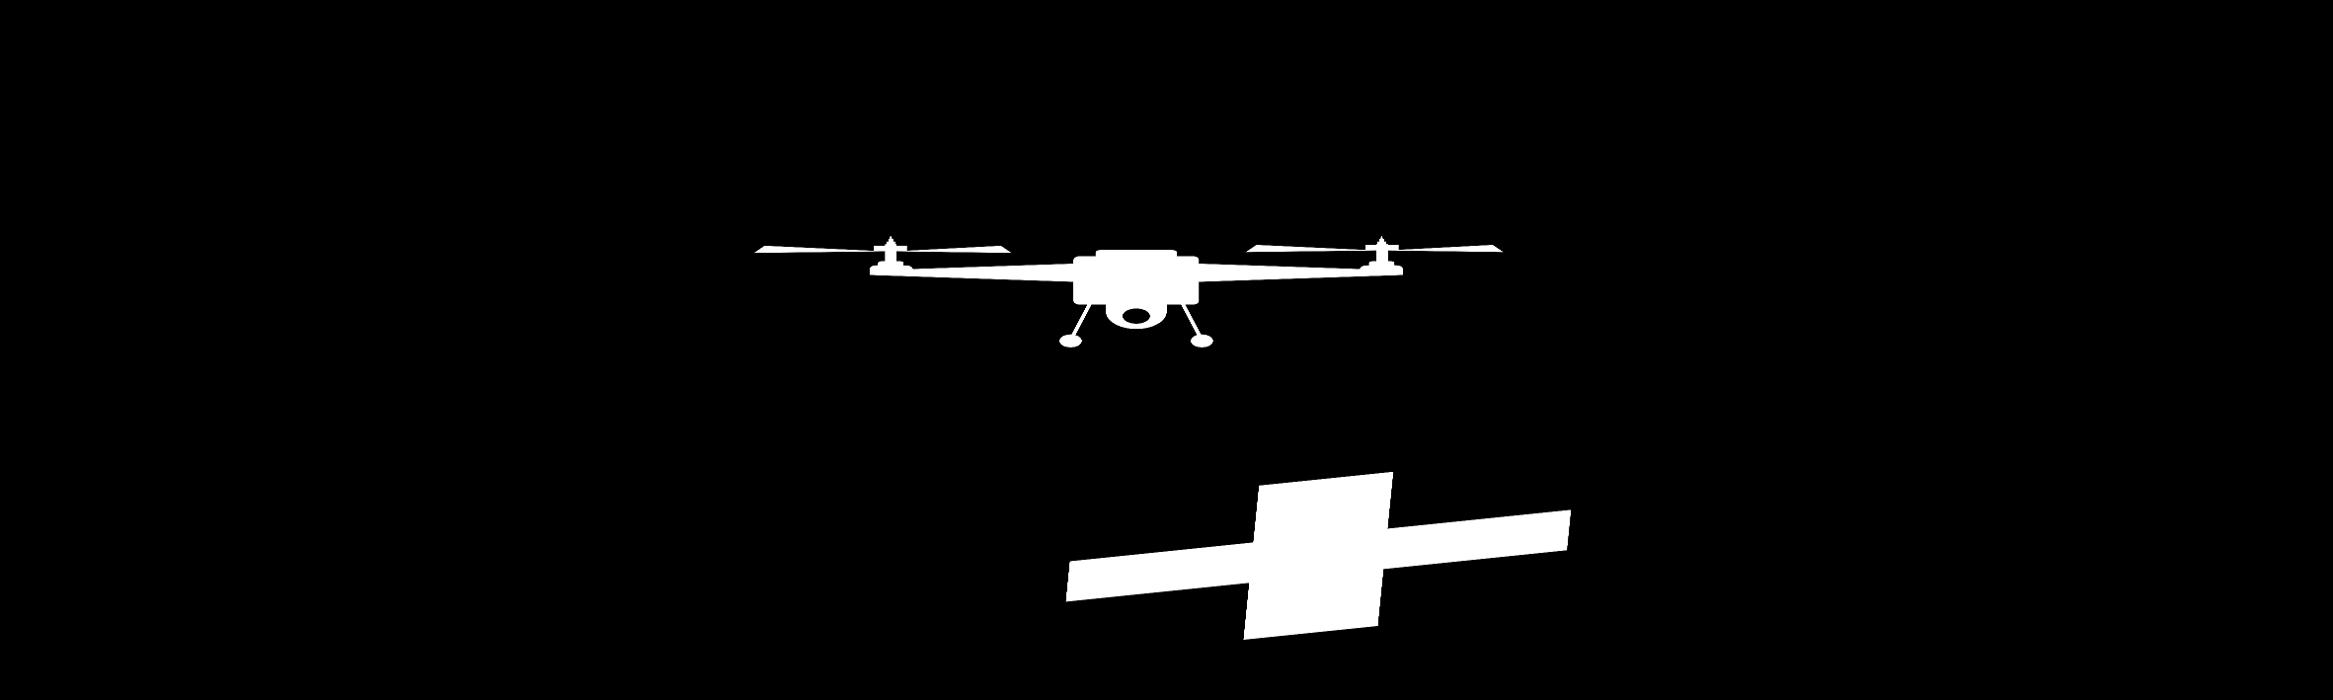 Drone+